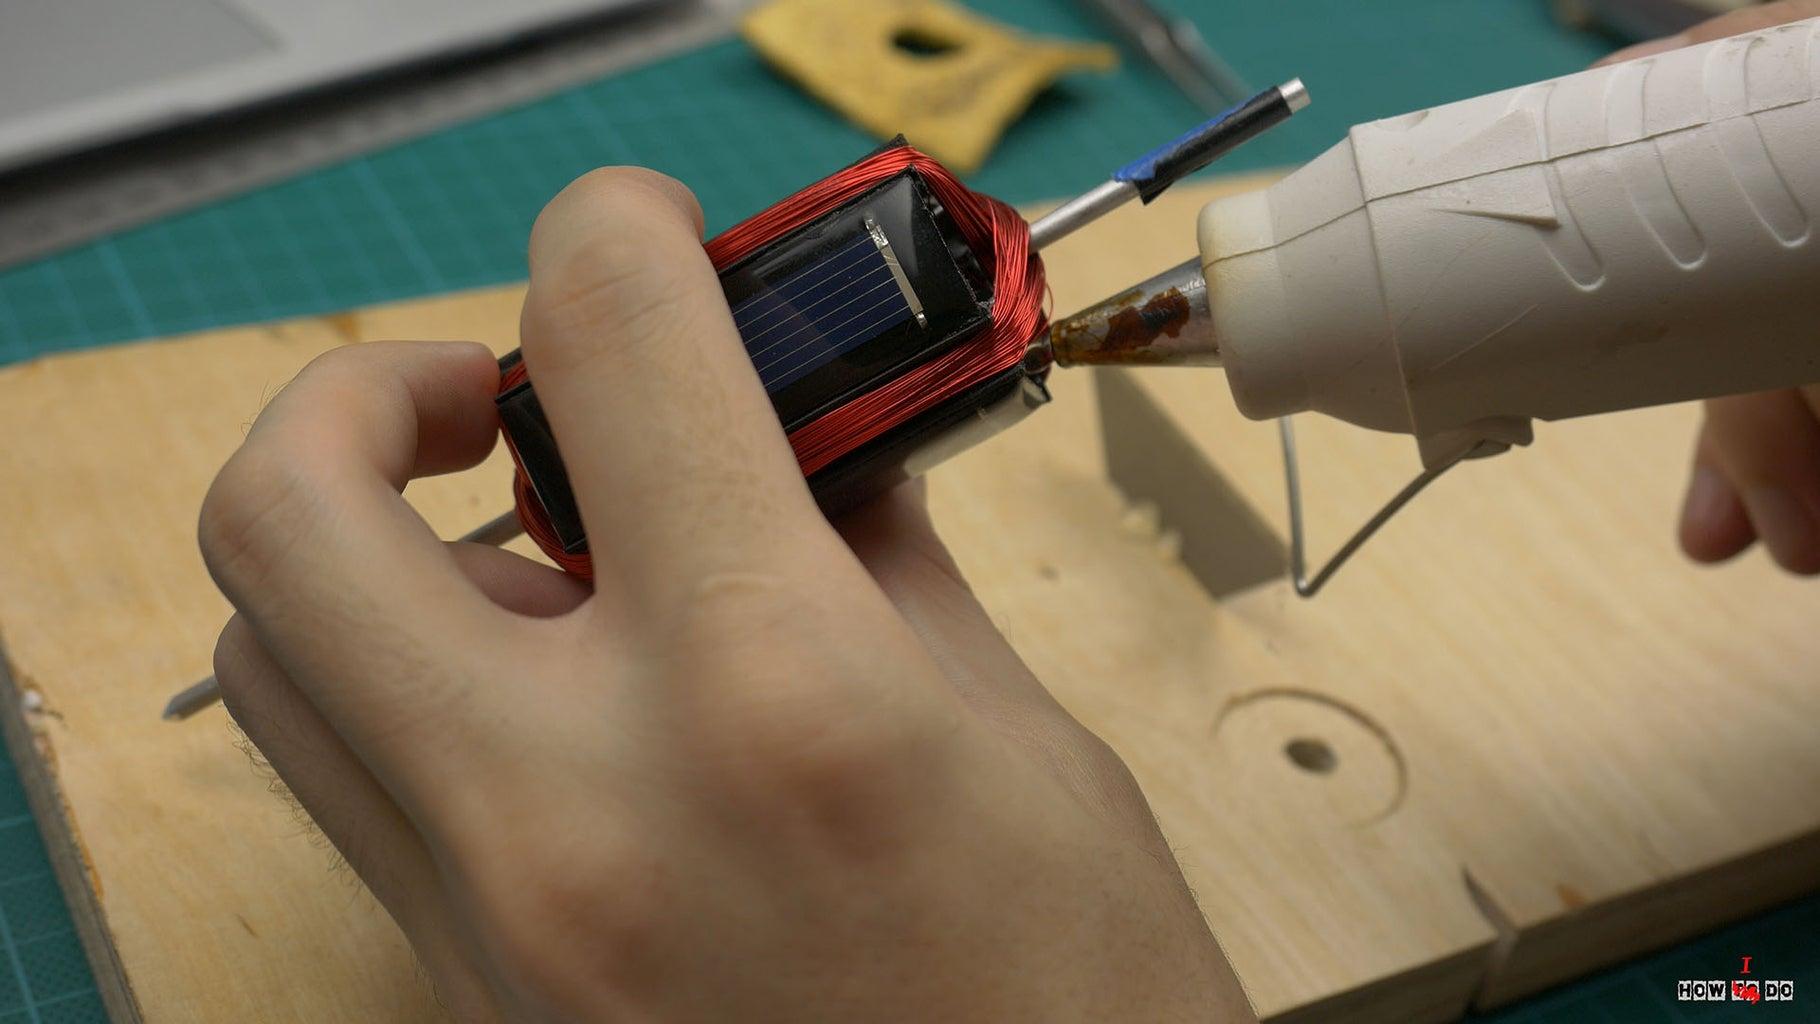 Balancing the Rotor